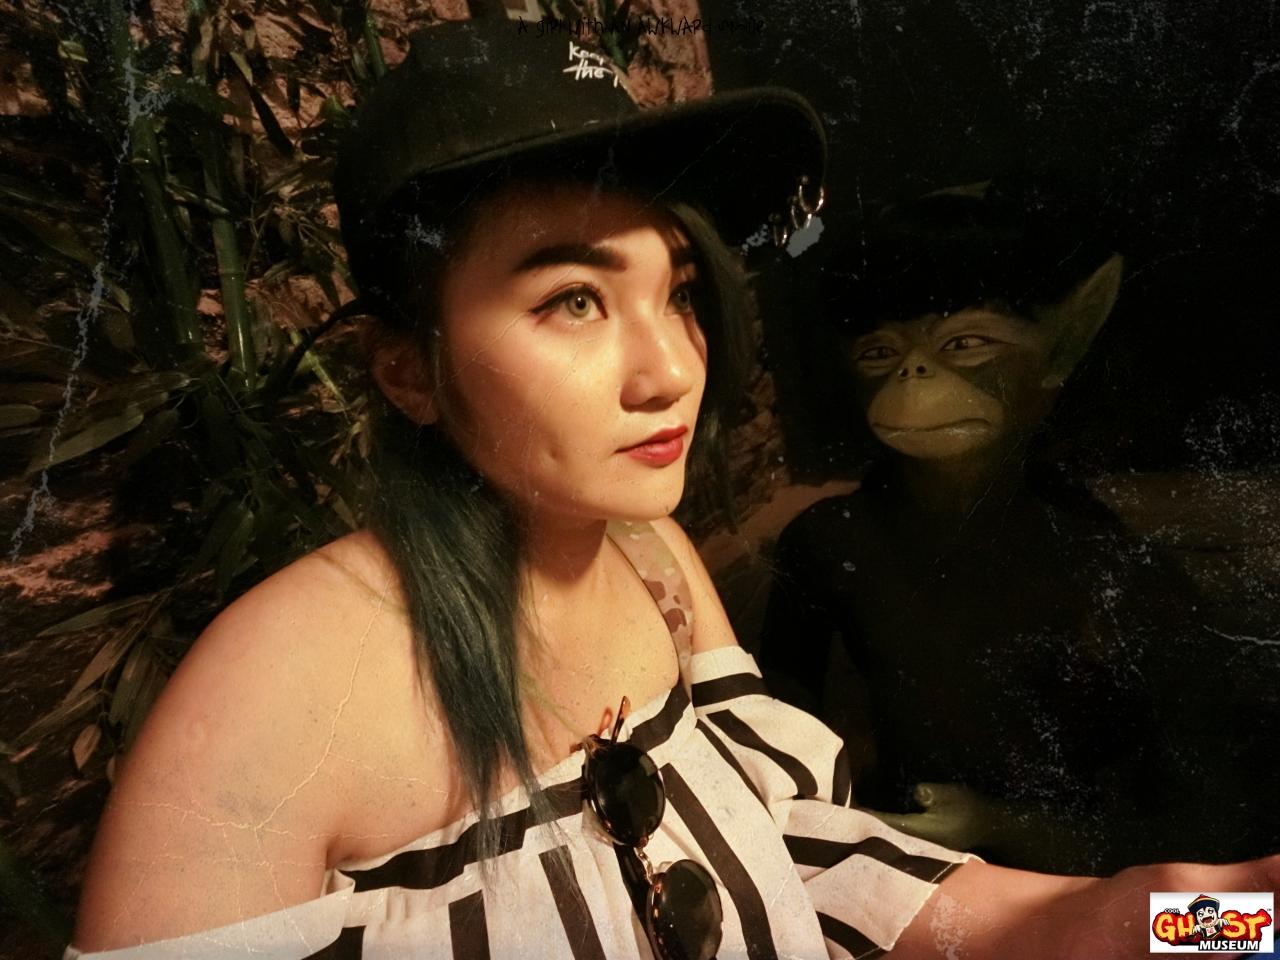 Ghost Museum @Penang : Kappa